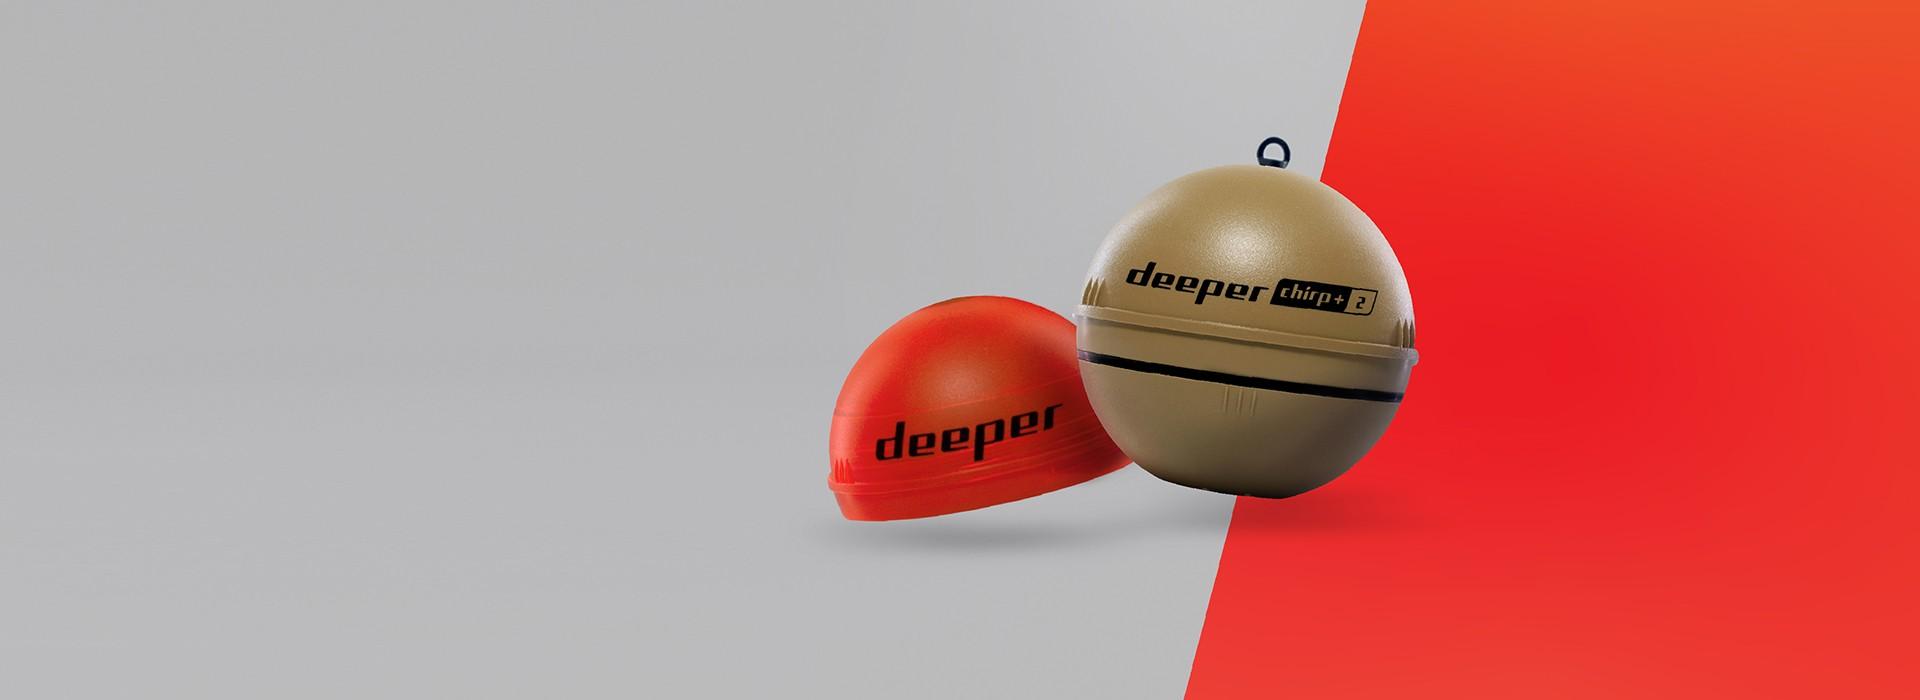 Møt nye Deeper CHIRP + 2! Det kraftigste ekkoloddet vi har lagd. Til nå.